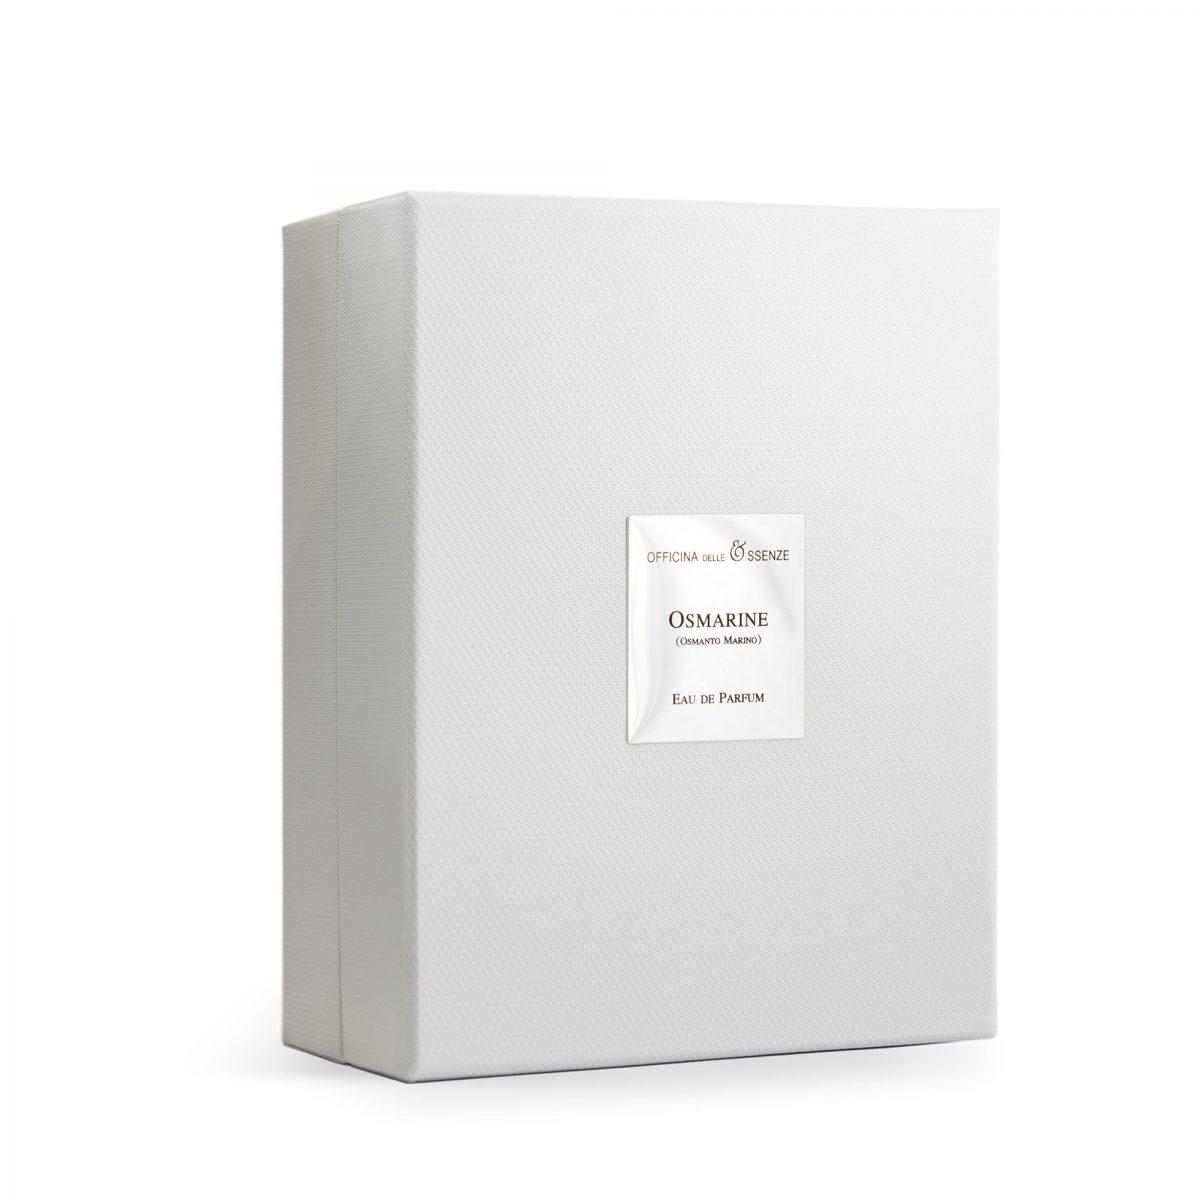 Officina delle Essenze box Osmarine